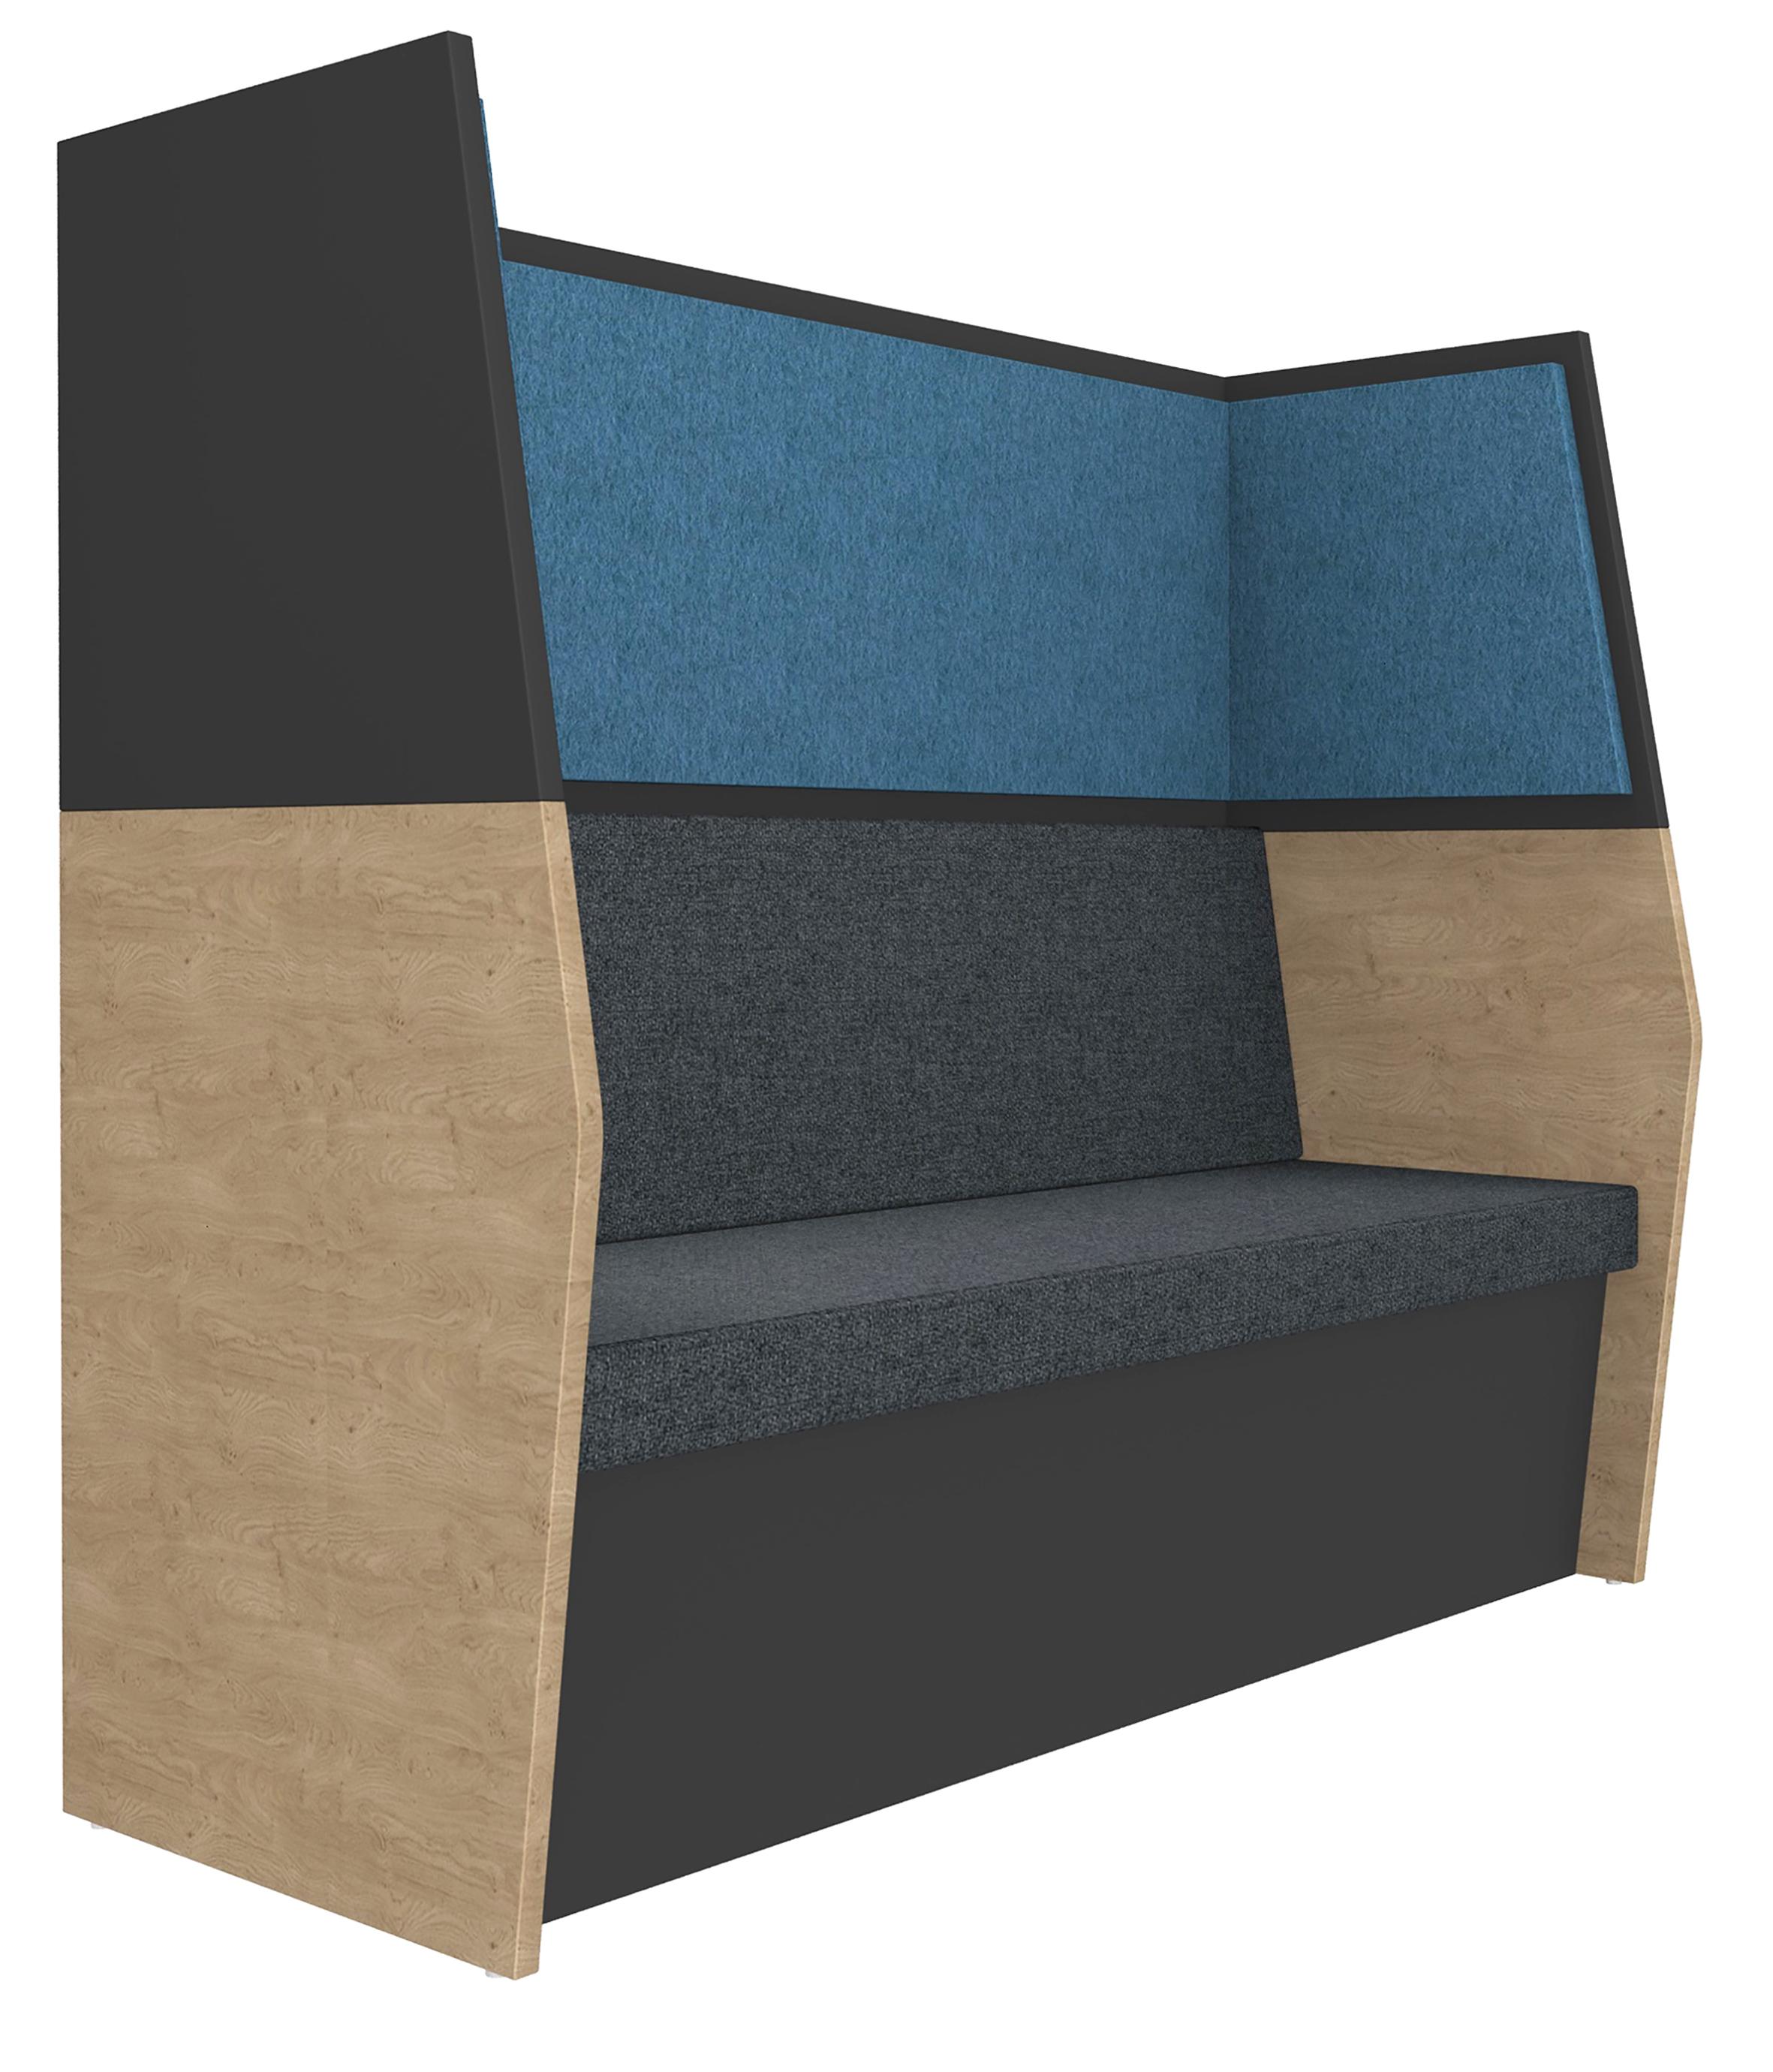 Banquette acoustique IN'TEAM - L170 x H 150 x P170 cm - 3 places - structure chêne clair et carbone - panneaux bleu chiné